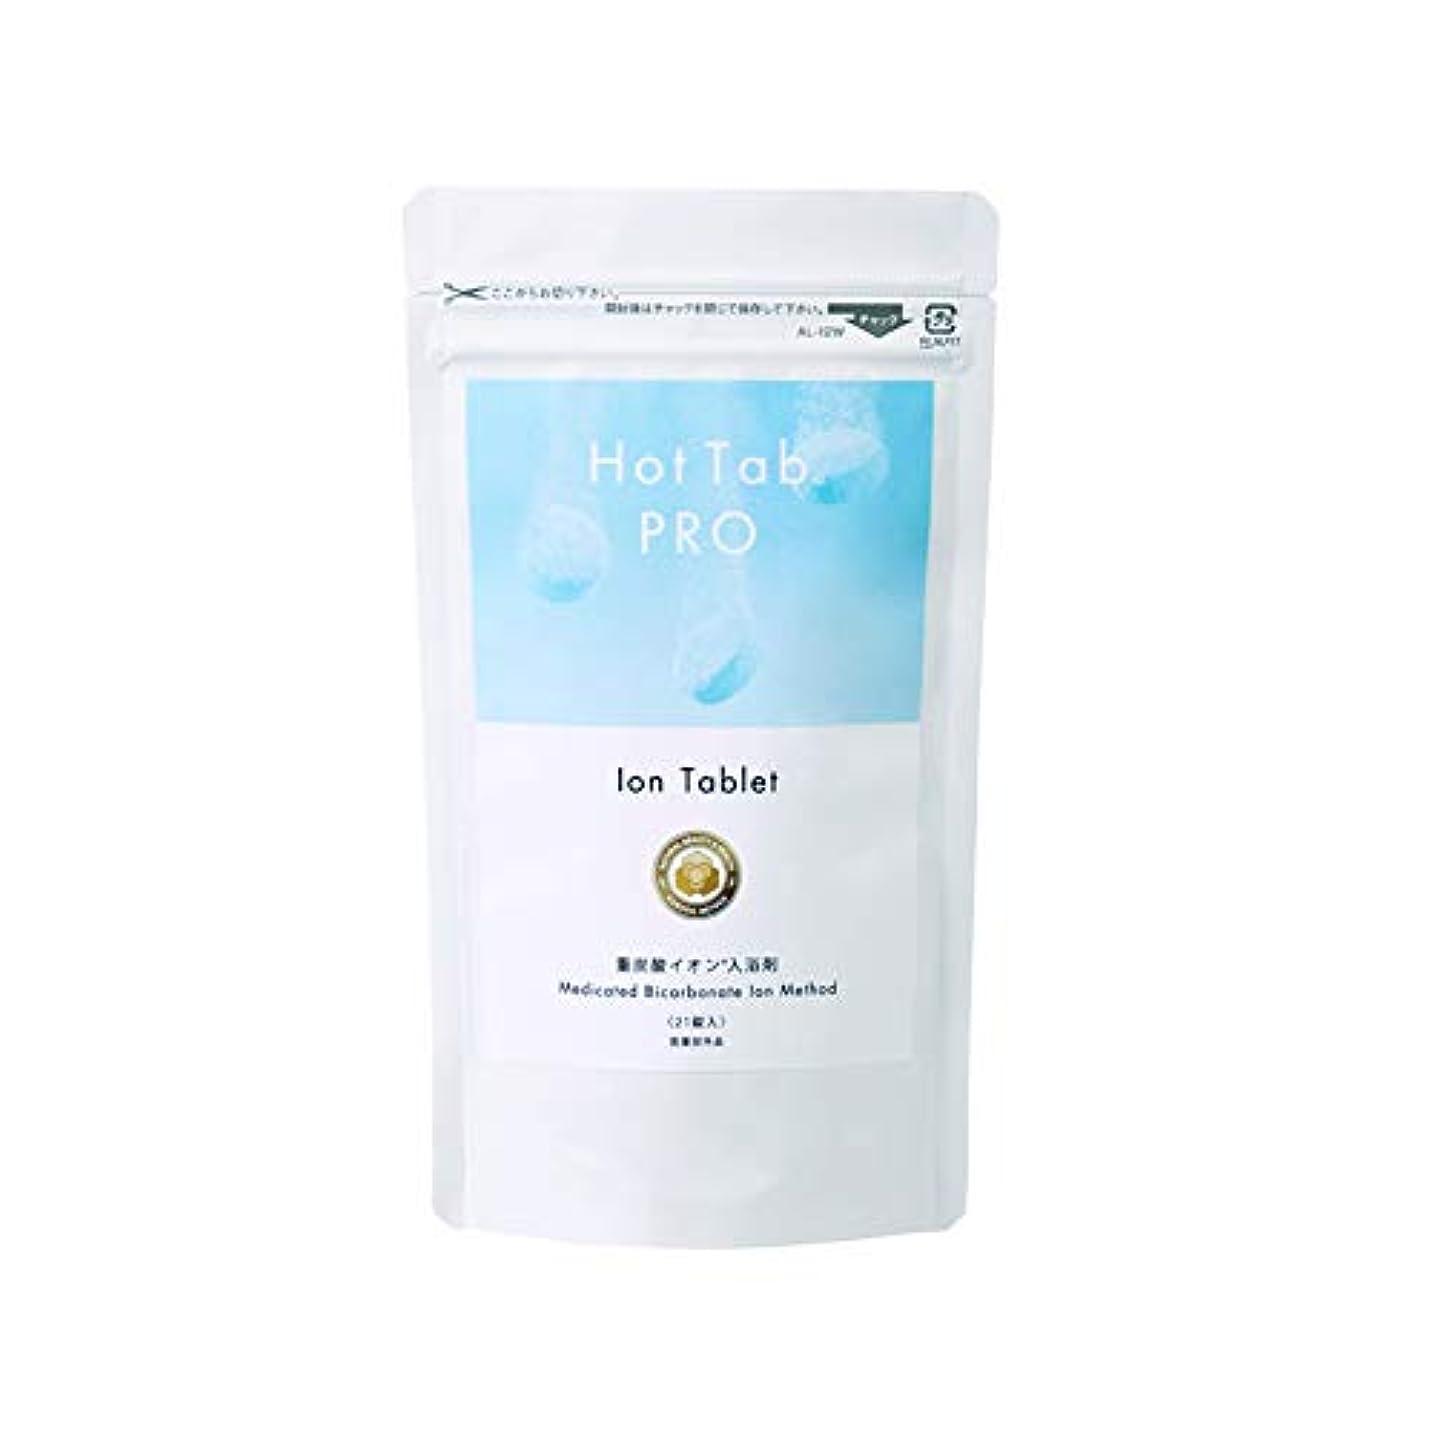 ケーブルカーアクセル未亡人最新型 日本製なめらか重炭酸入浴剤「ホットタブPro」(デリケートな肌でも安心 無香料 無着色 中性pH) (21錠セット)